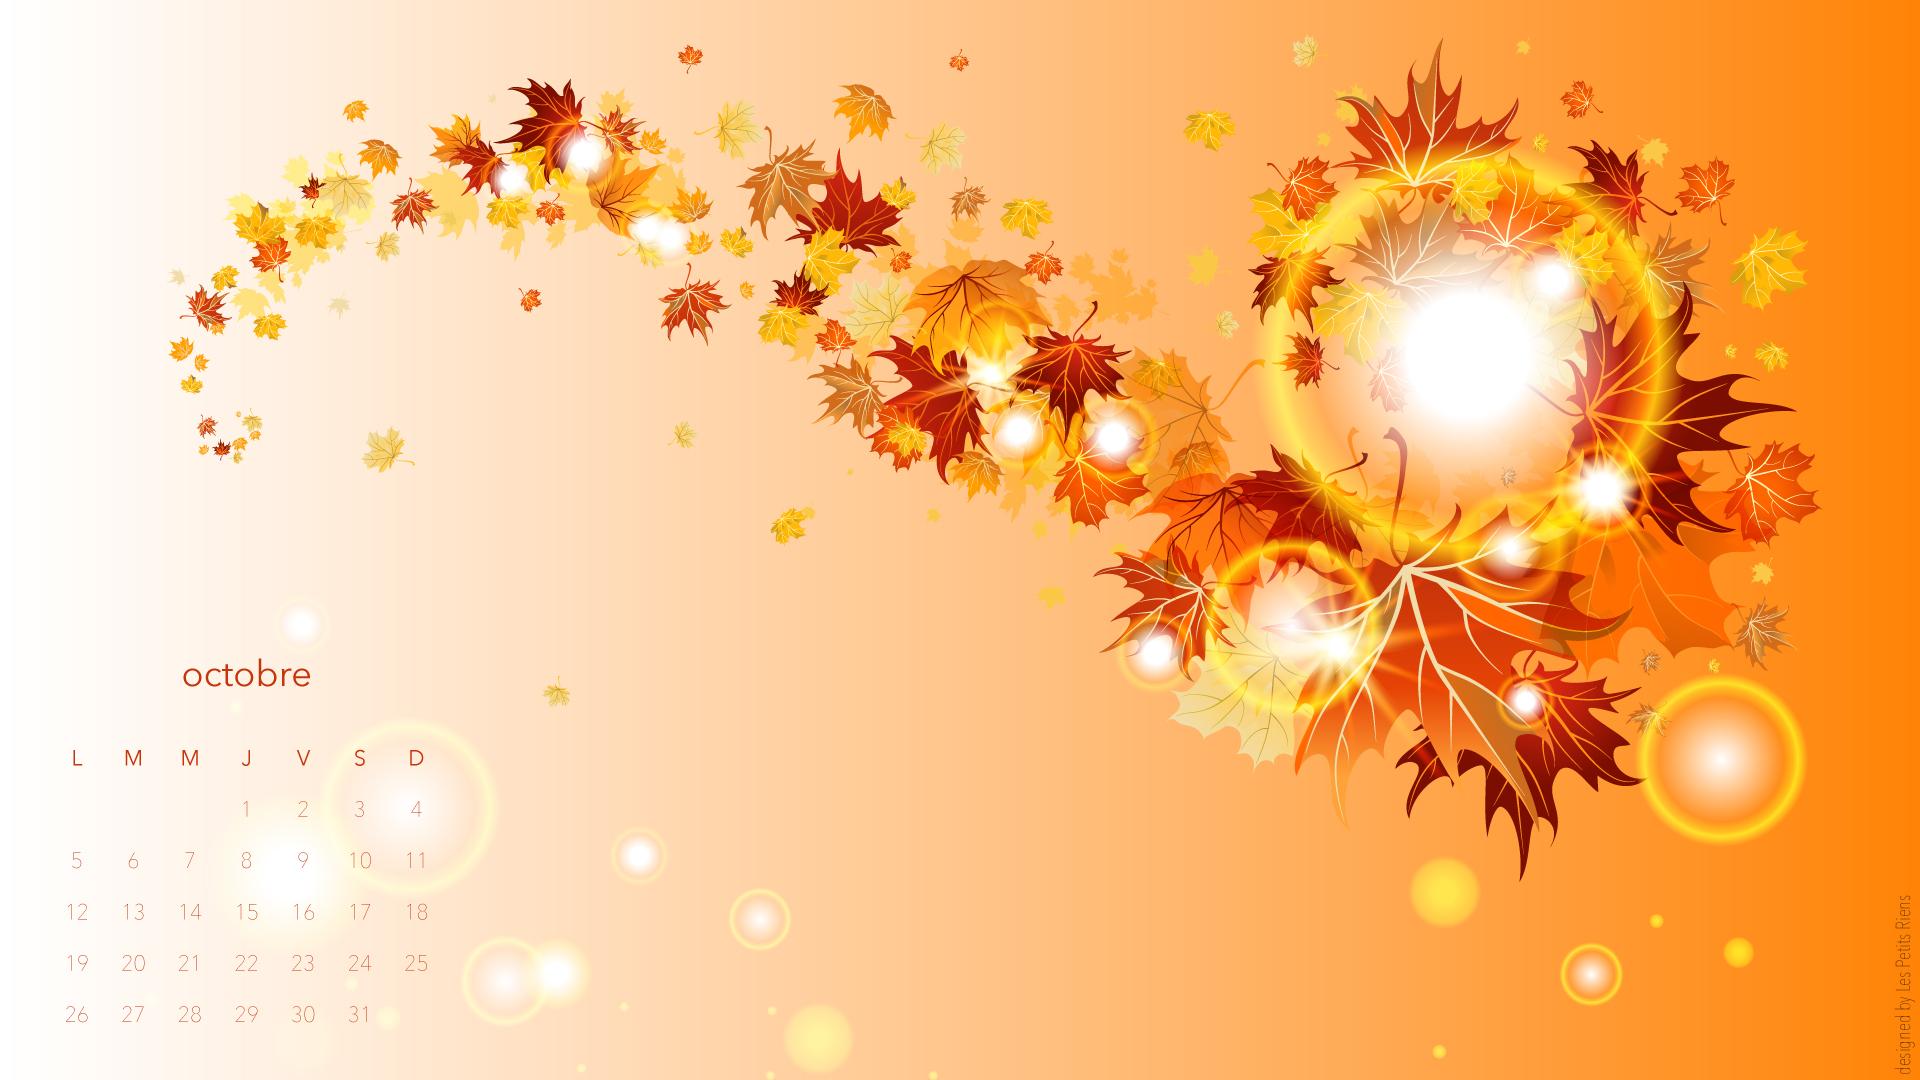 Fond d 39 cran d 39 octobre les petits riens for Fond ecran novembre